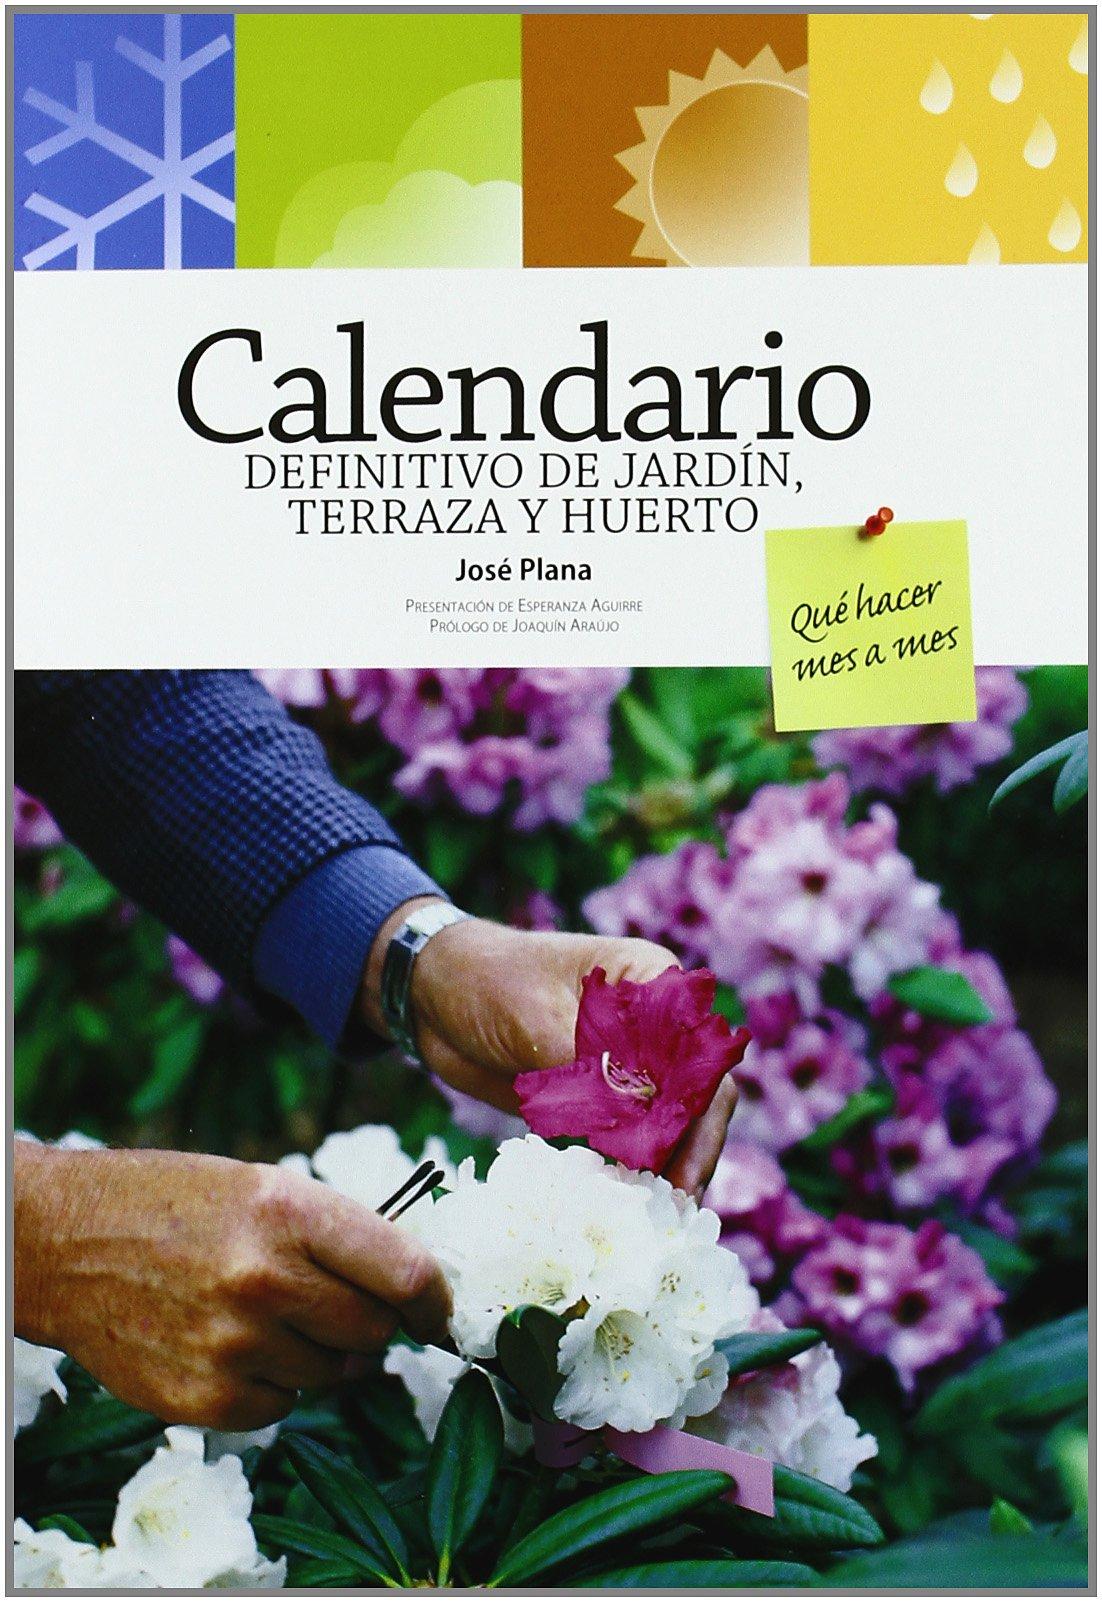 Calendario definitivo de jardín, terraza y huerto: Qué hacer mes a mes: Amazon.es: Plana, José: Libros